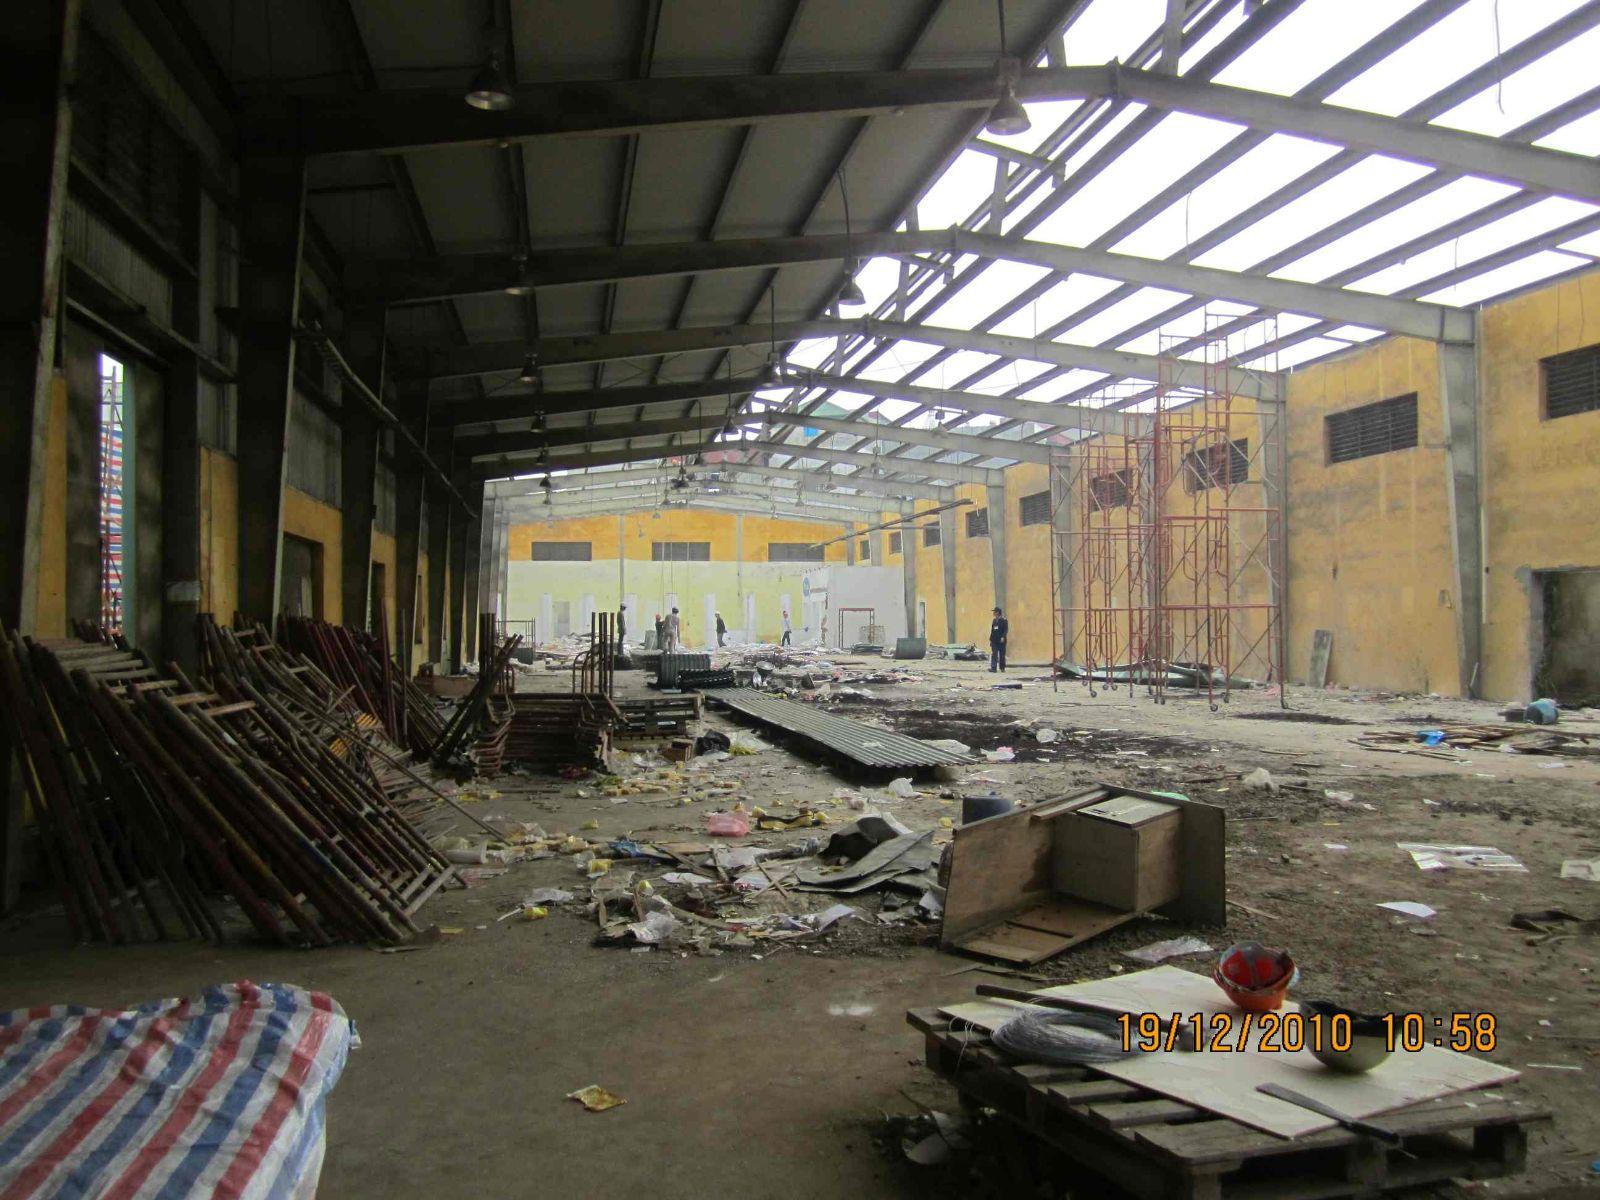 mua bán nhà xưởng cũ